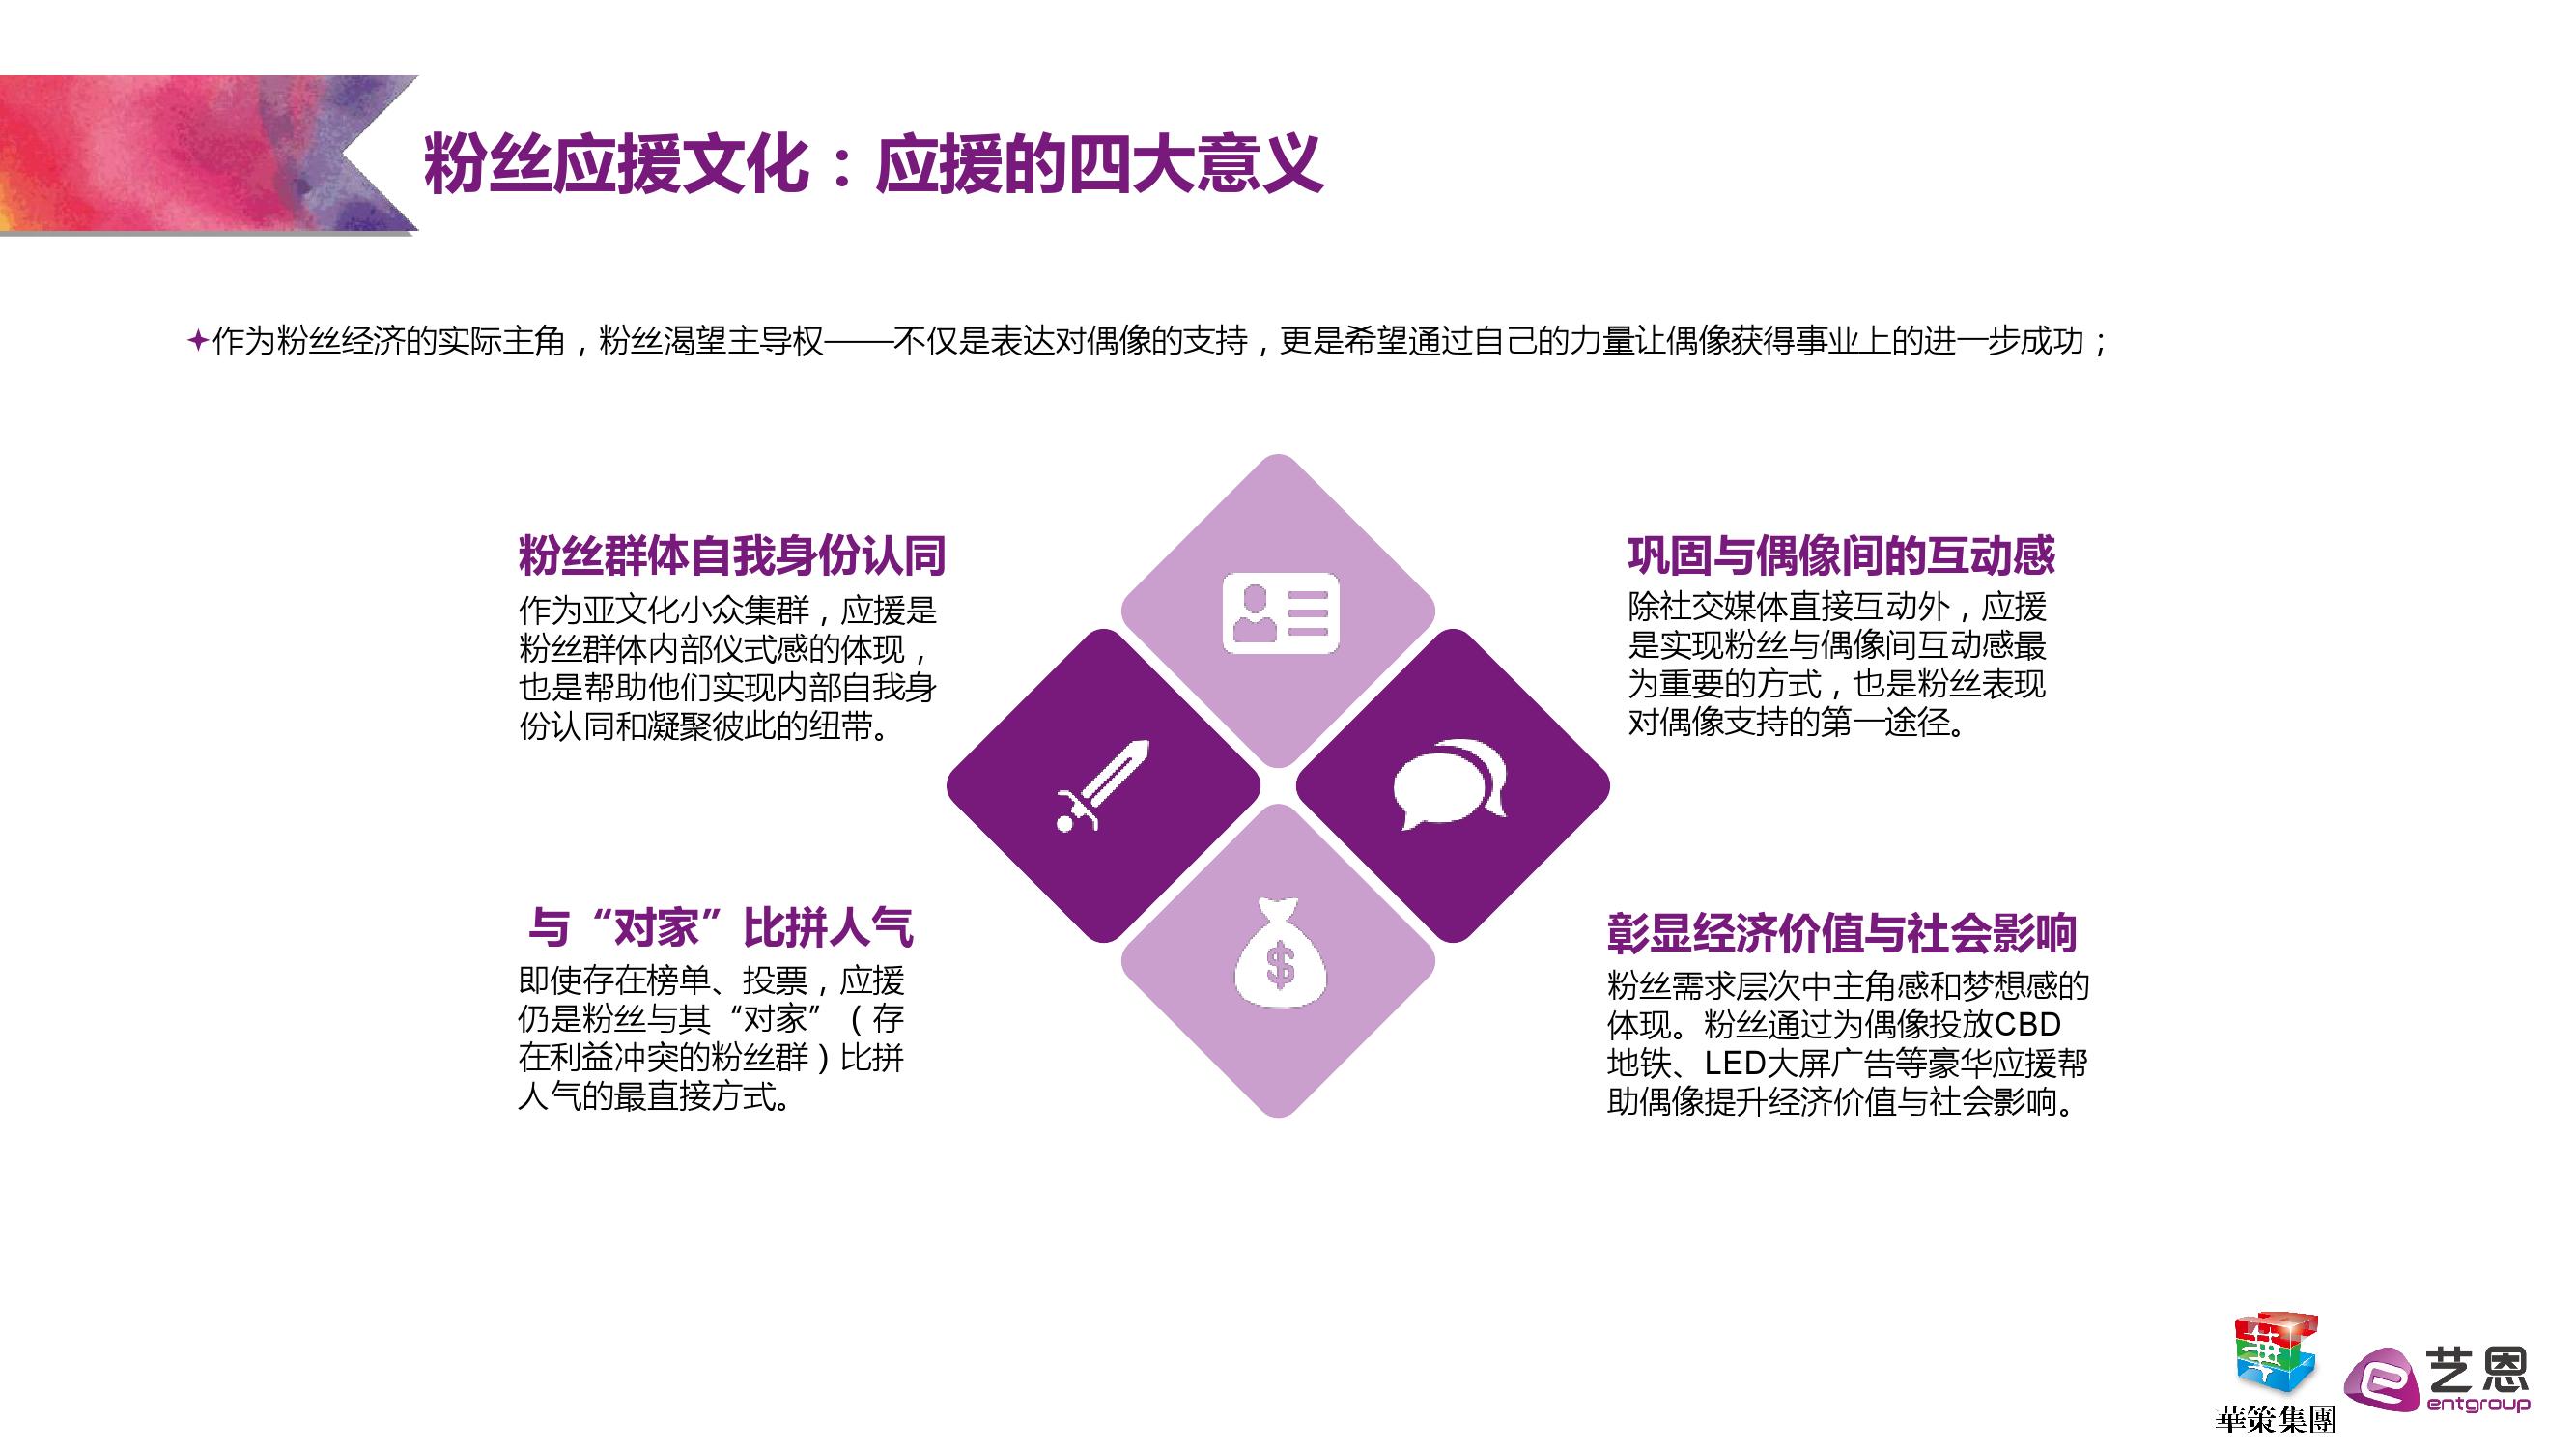 艺恩:粉丝经济研究报告_000012